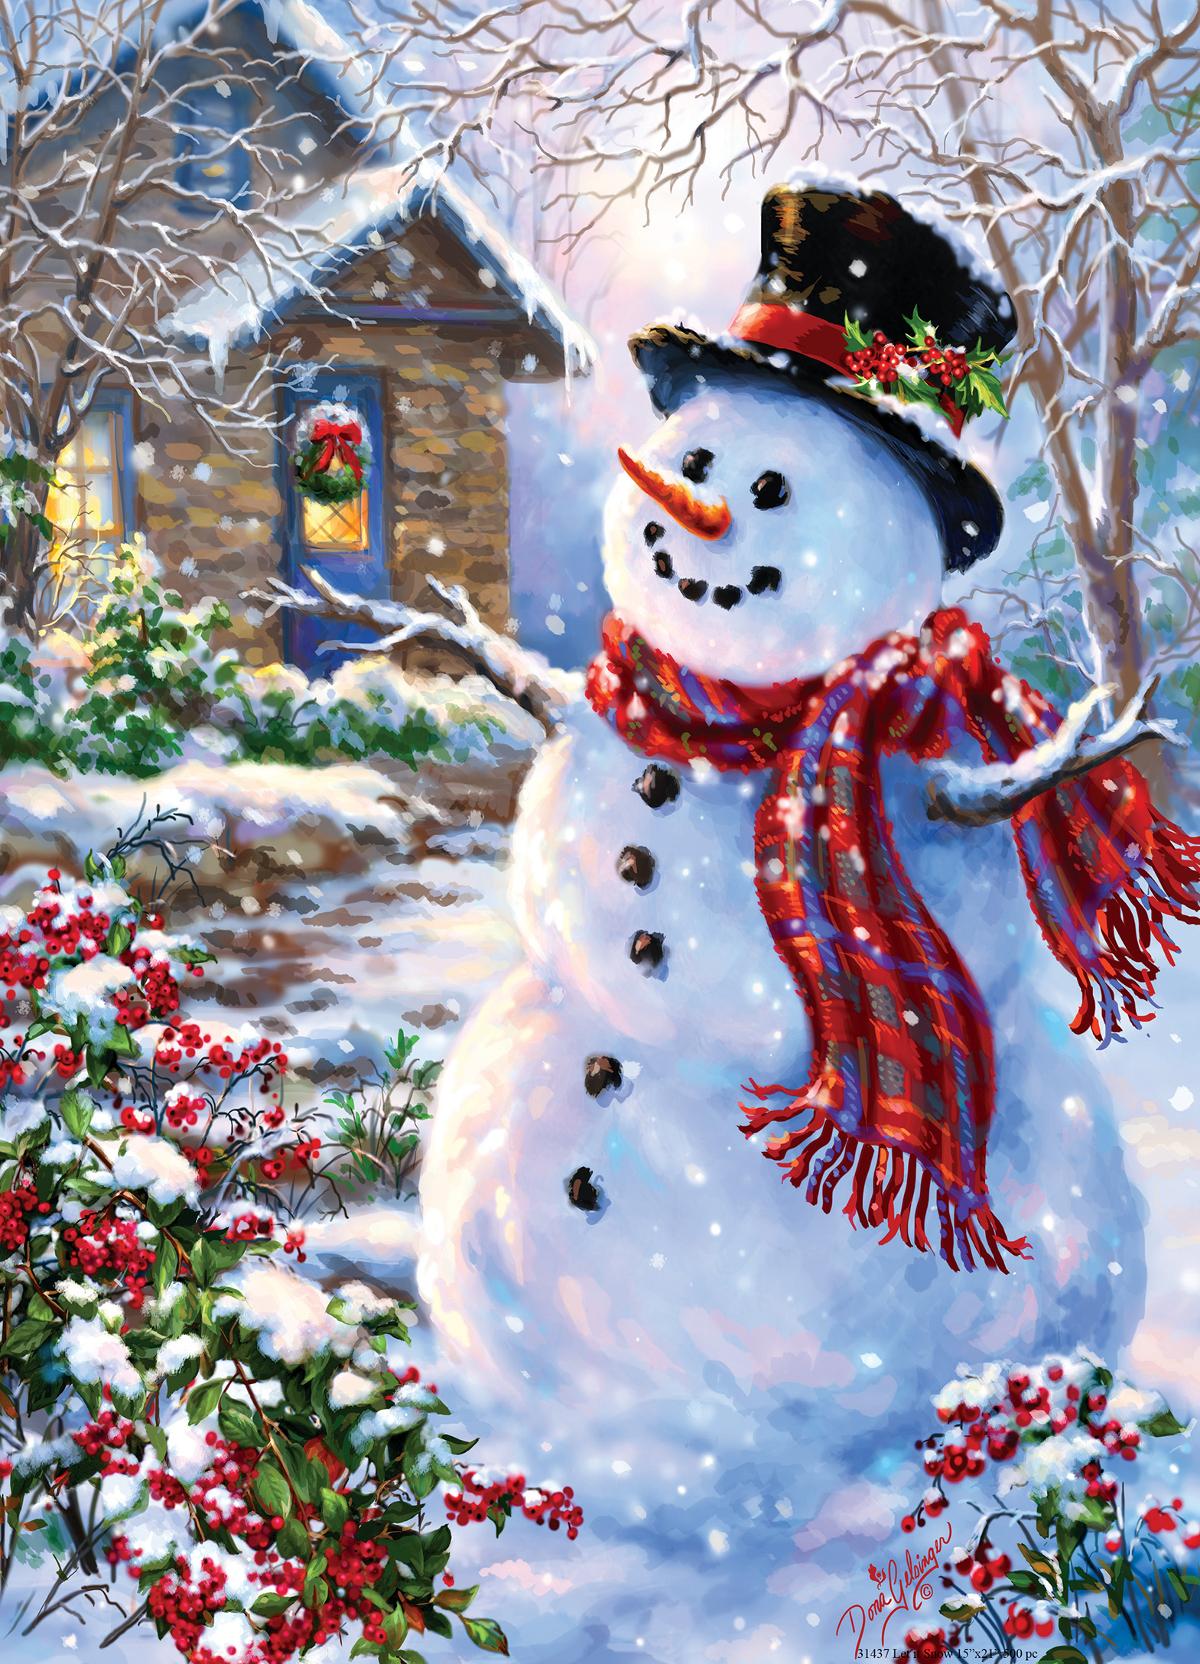 Красивые зимние картинки на телефон 35 фото Прикольные